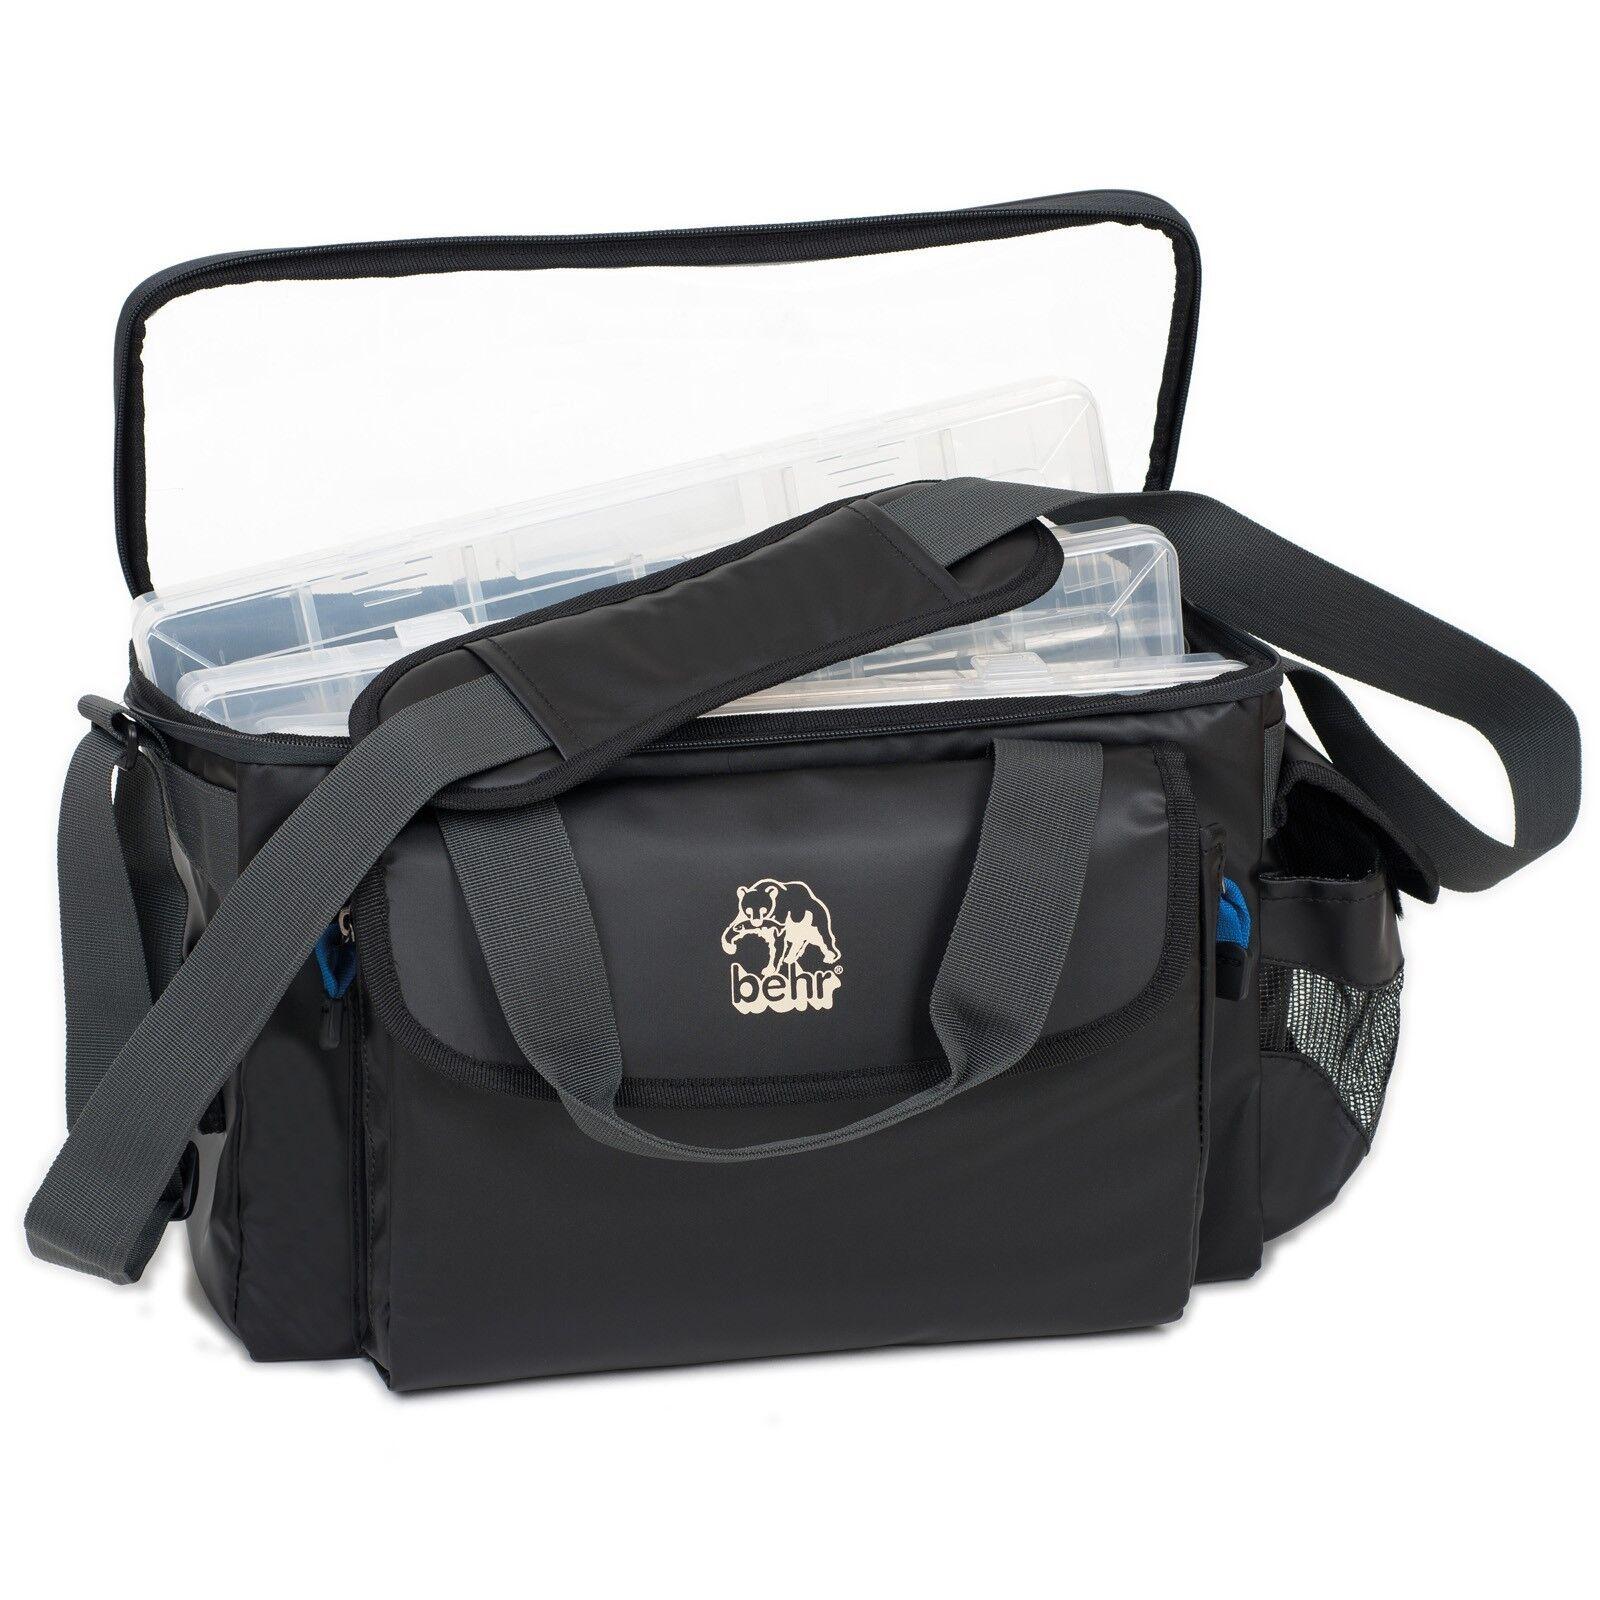 Behr Salzwasser Zubehör Tasche Wasserdicht Angeltasche mit3 Zubehörboxen 5738205